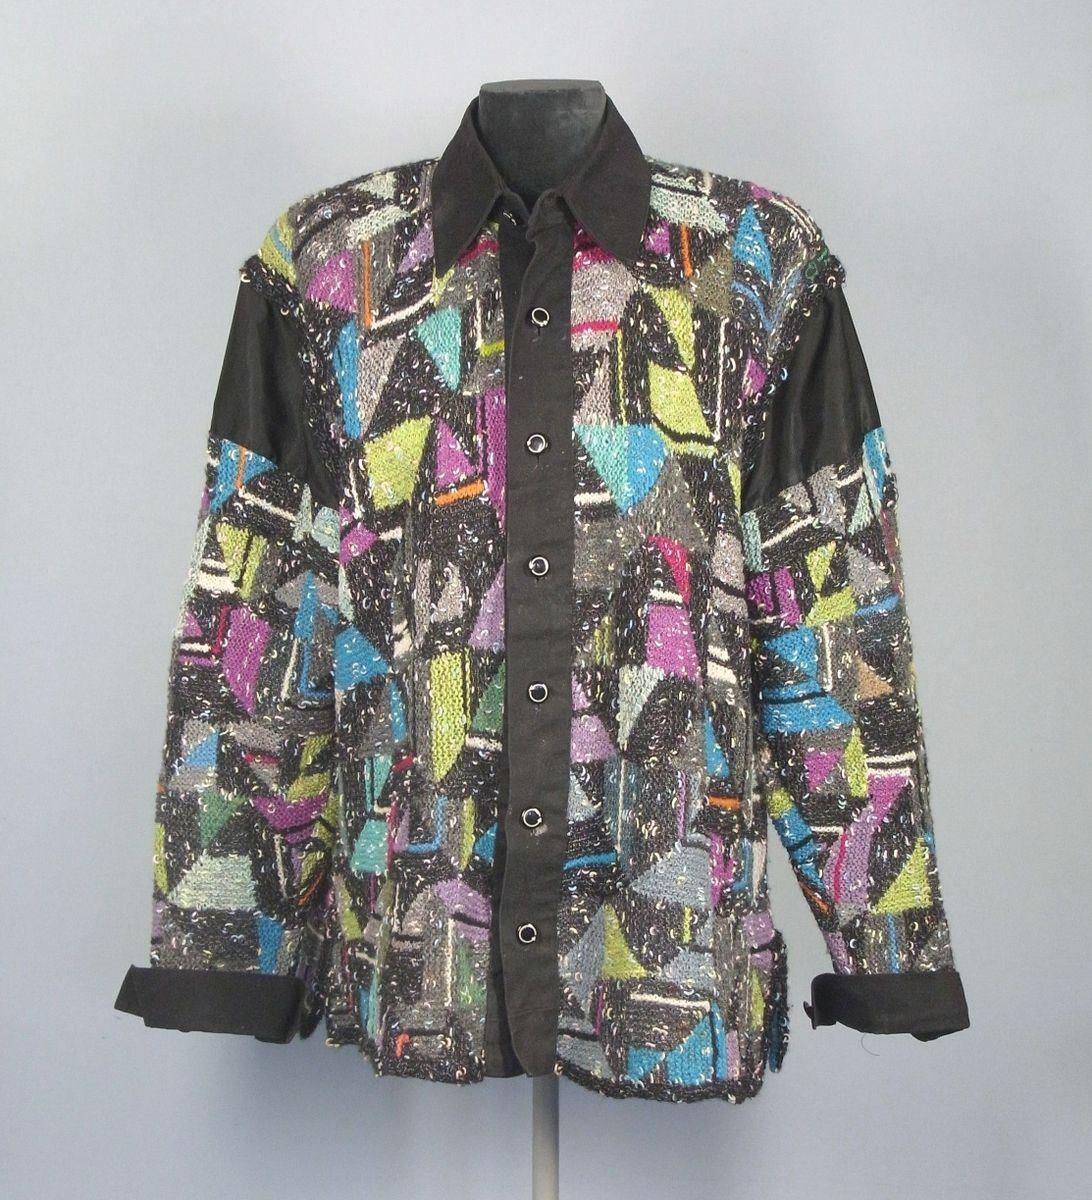 Gestricktes Männerhemd, Horst Schulz, Berlin, ca. 1995 © Staatliche Museen zu Berlin, Museum Europäischer Kulturen